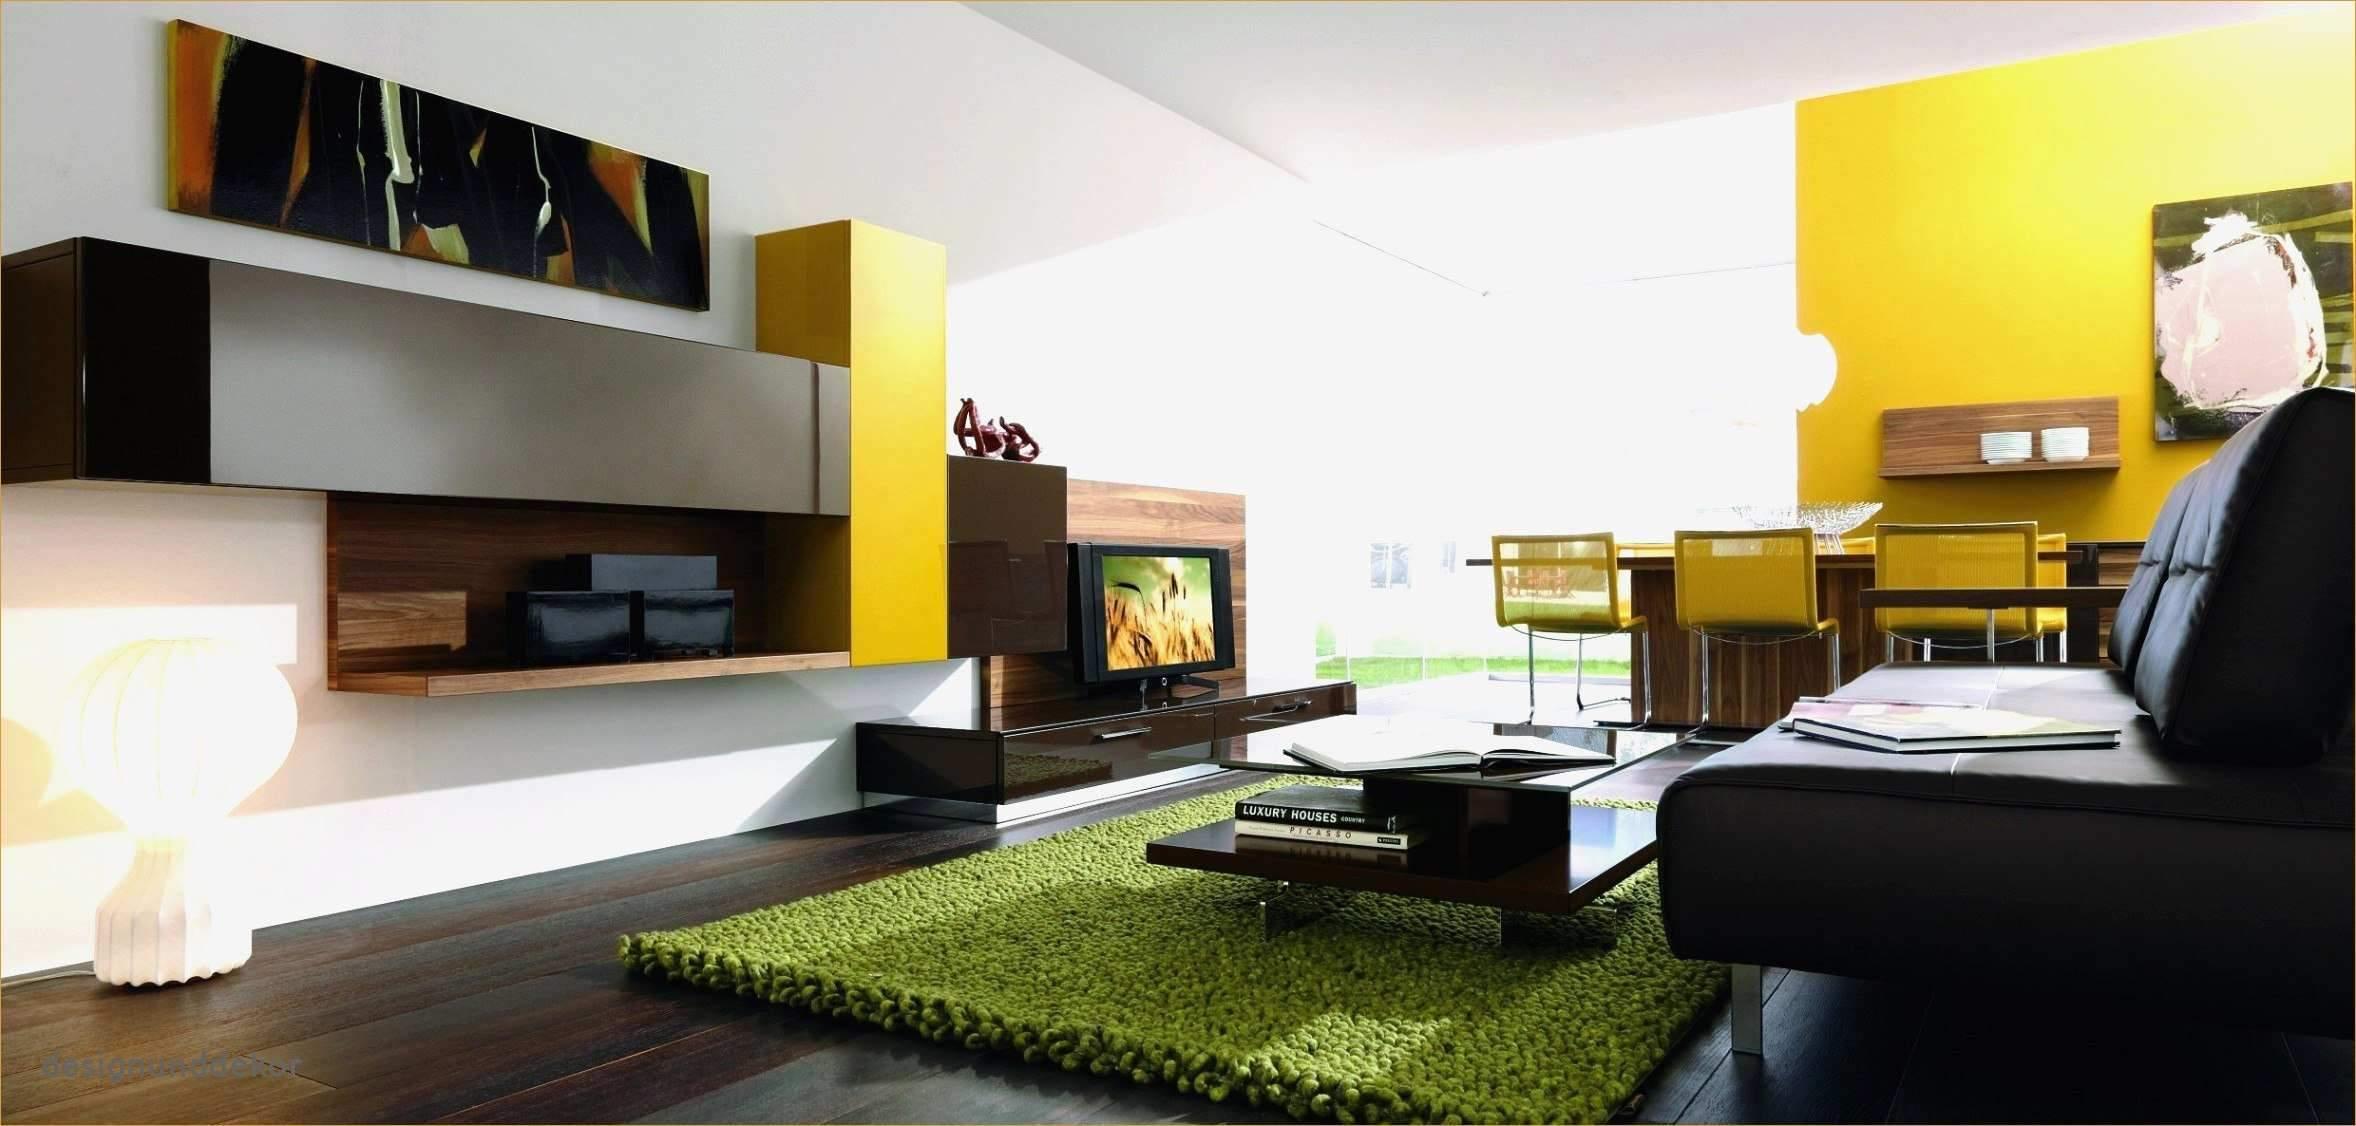 moderne bilder fur wohnzimmer einzigartig 50 luxus von moderne bilder fur wohnzimmer planen of moderne bilder fur wohnzimmer